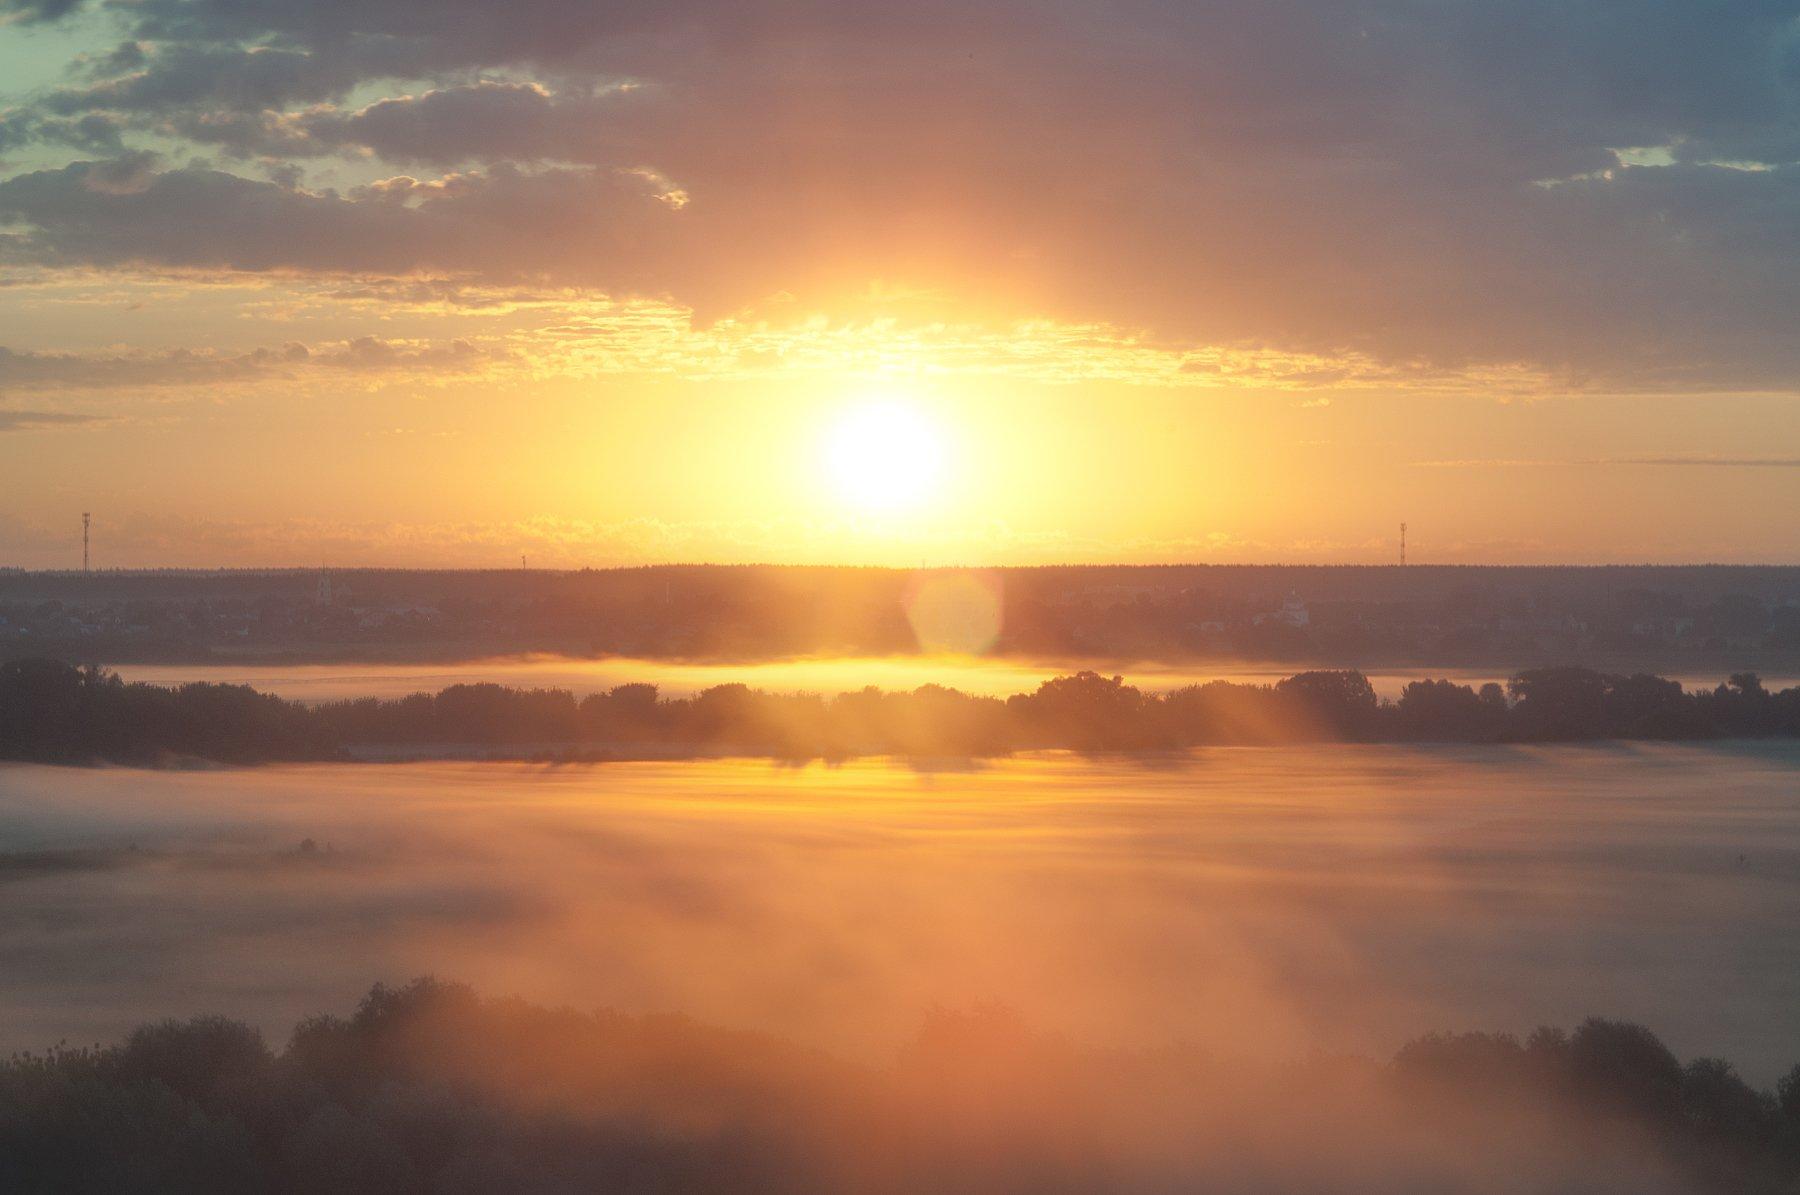 лето,россия,туман,восход,солнце,утро, Павел Ныриков